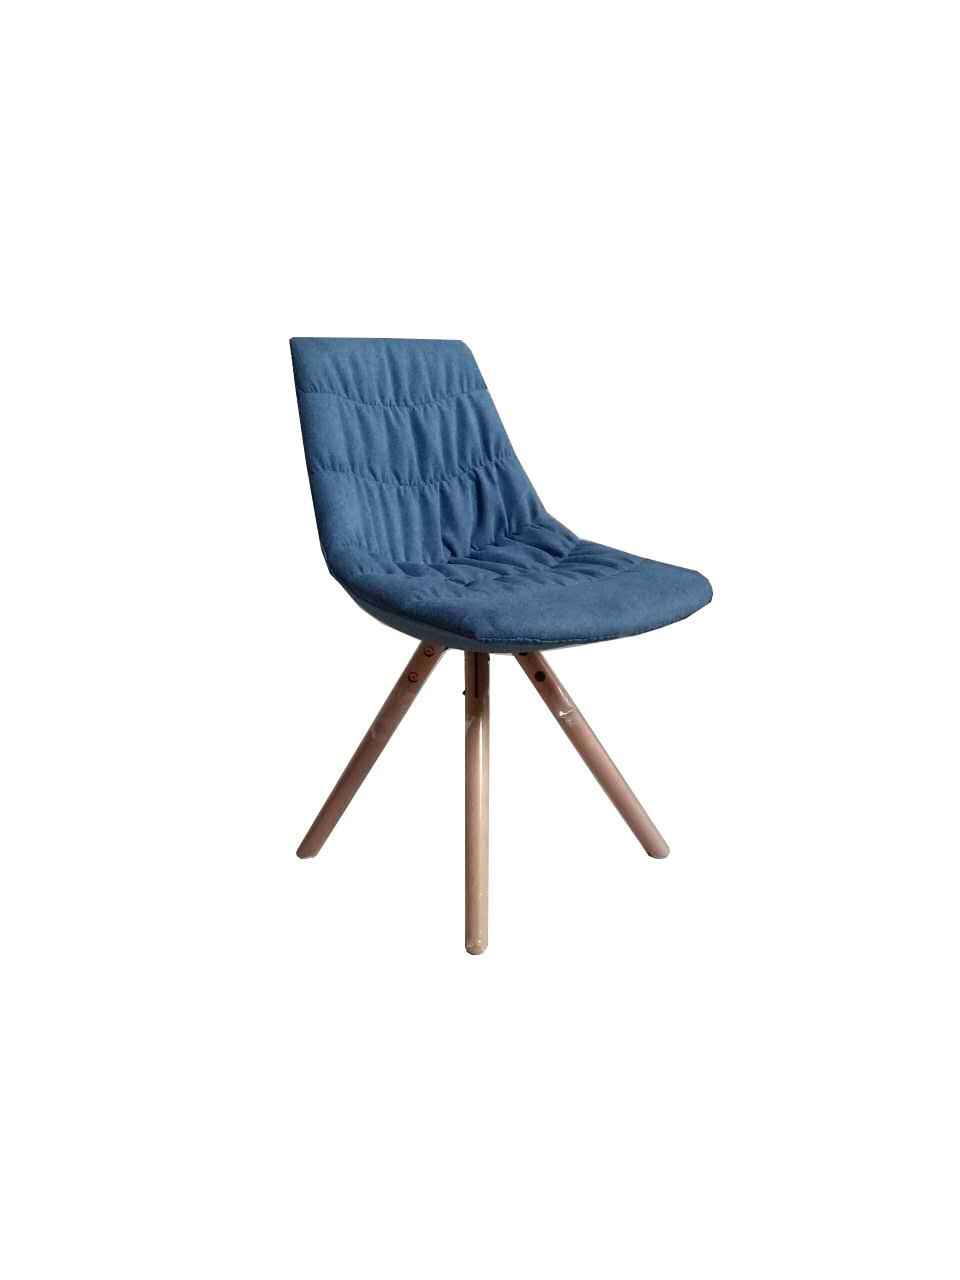 Scaun tapitat cu stofa, cu picioare de lemn Joy Dark Blue l47xA54xH80 cm